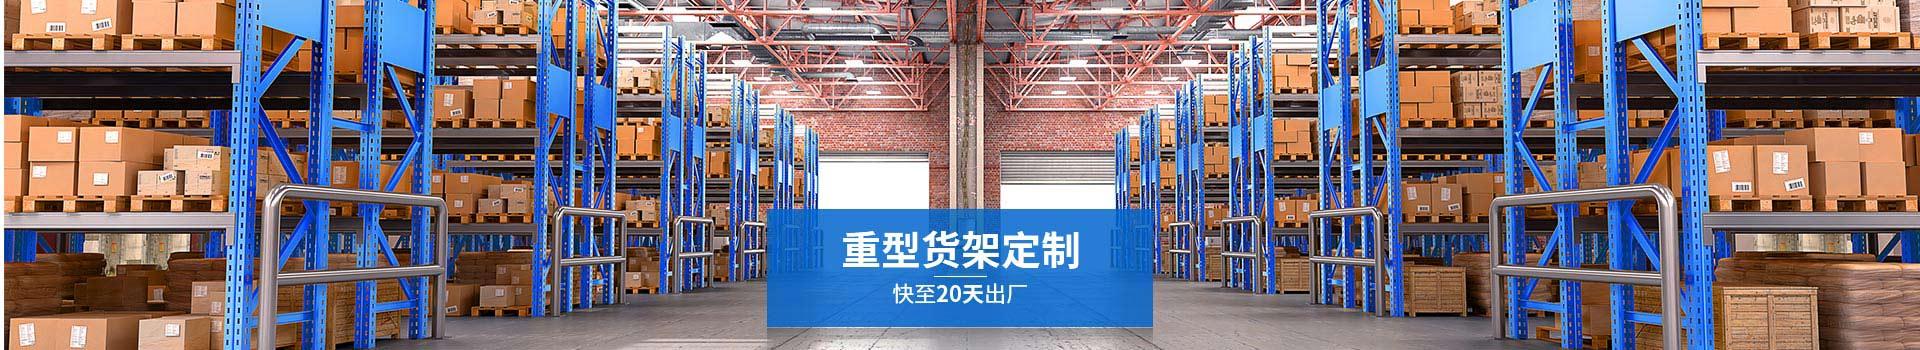 森沃仓储重型货架定制,快至20天出厂